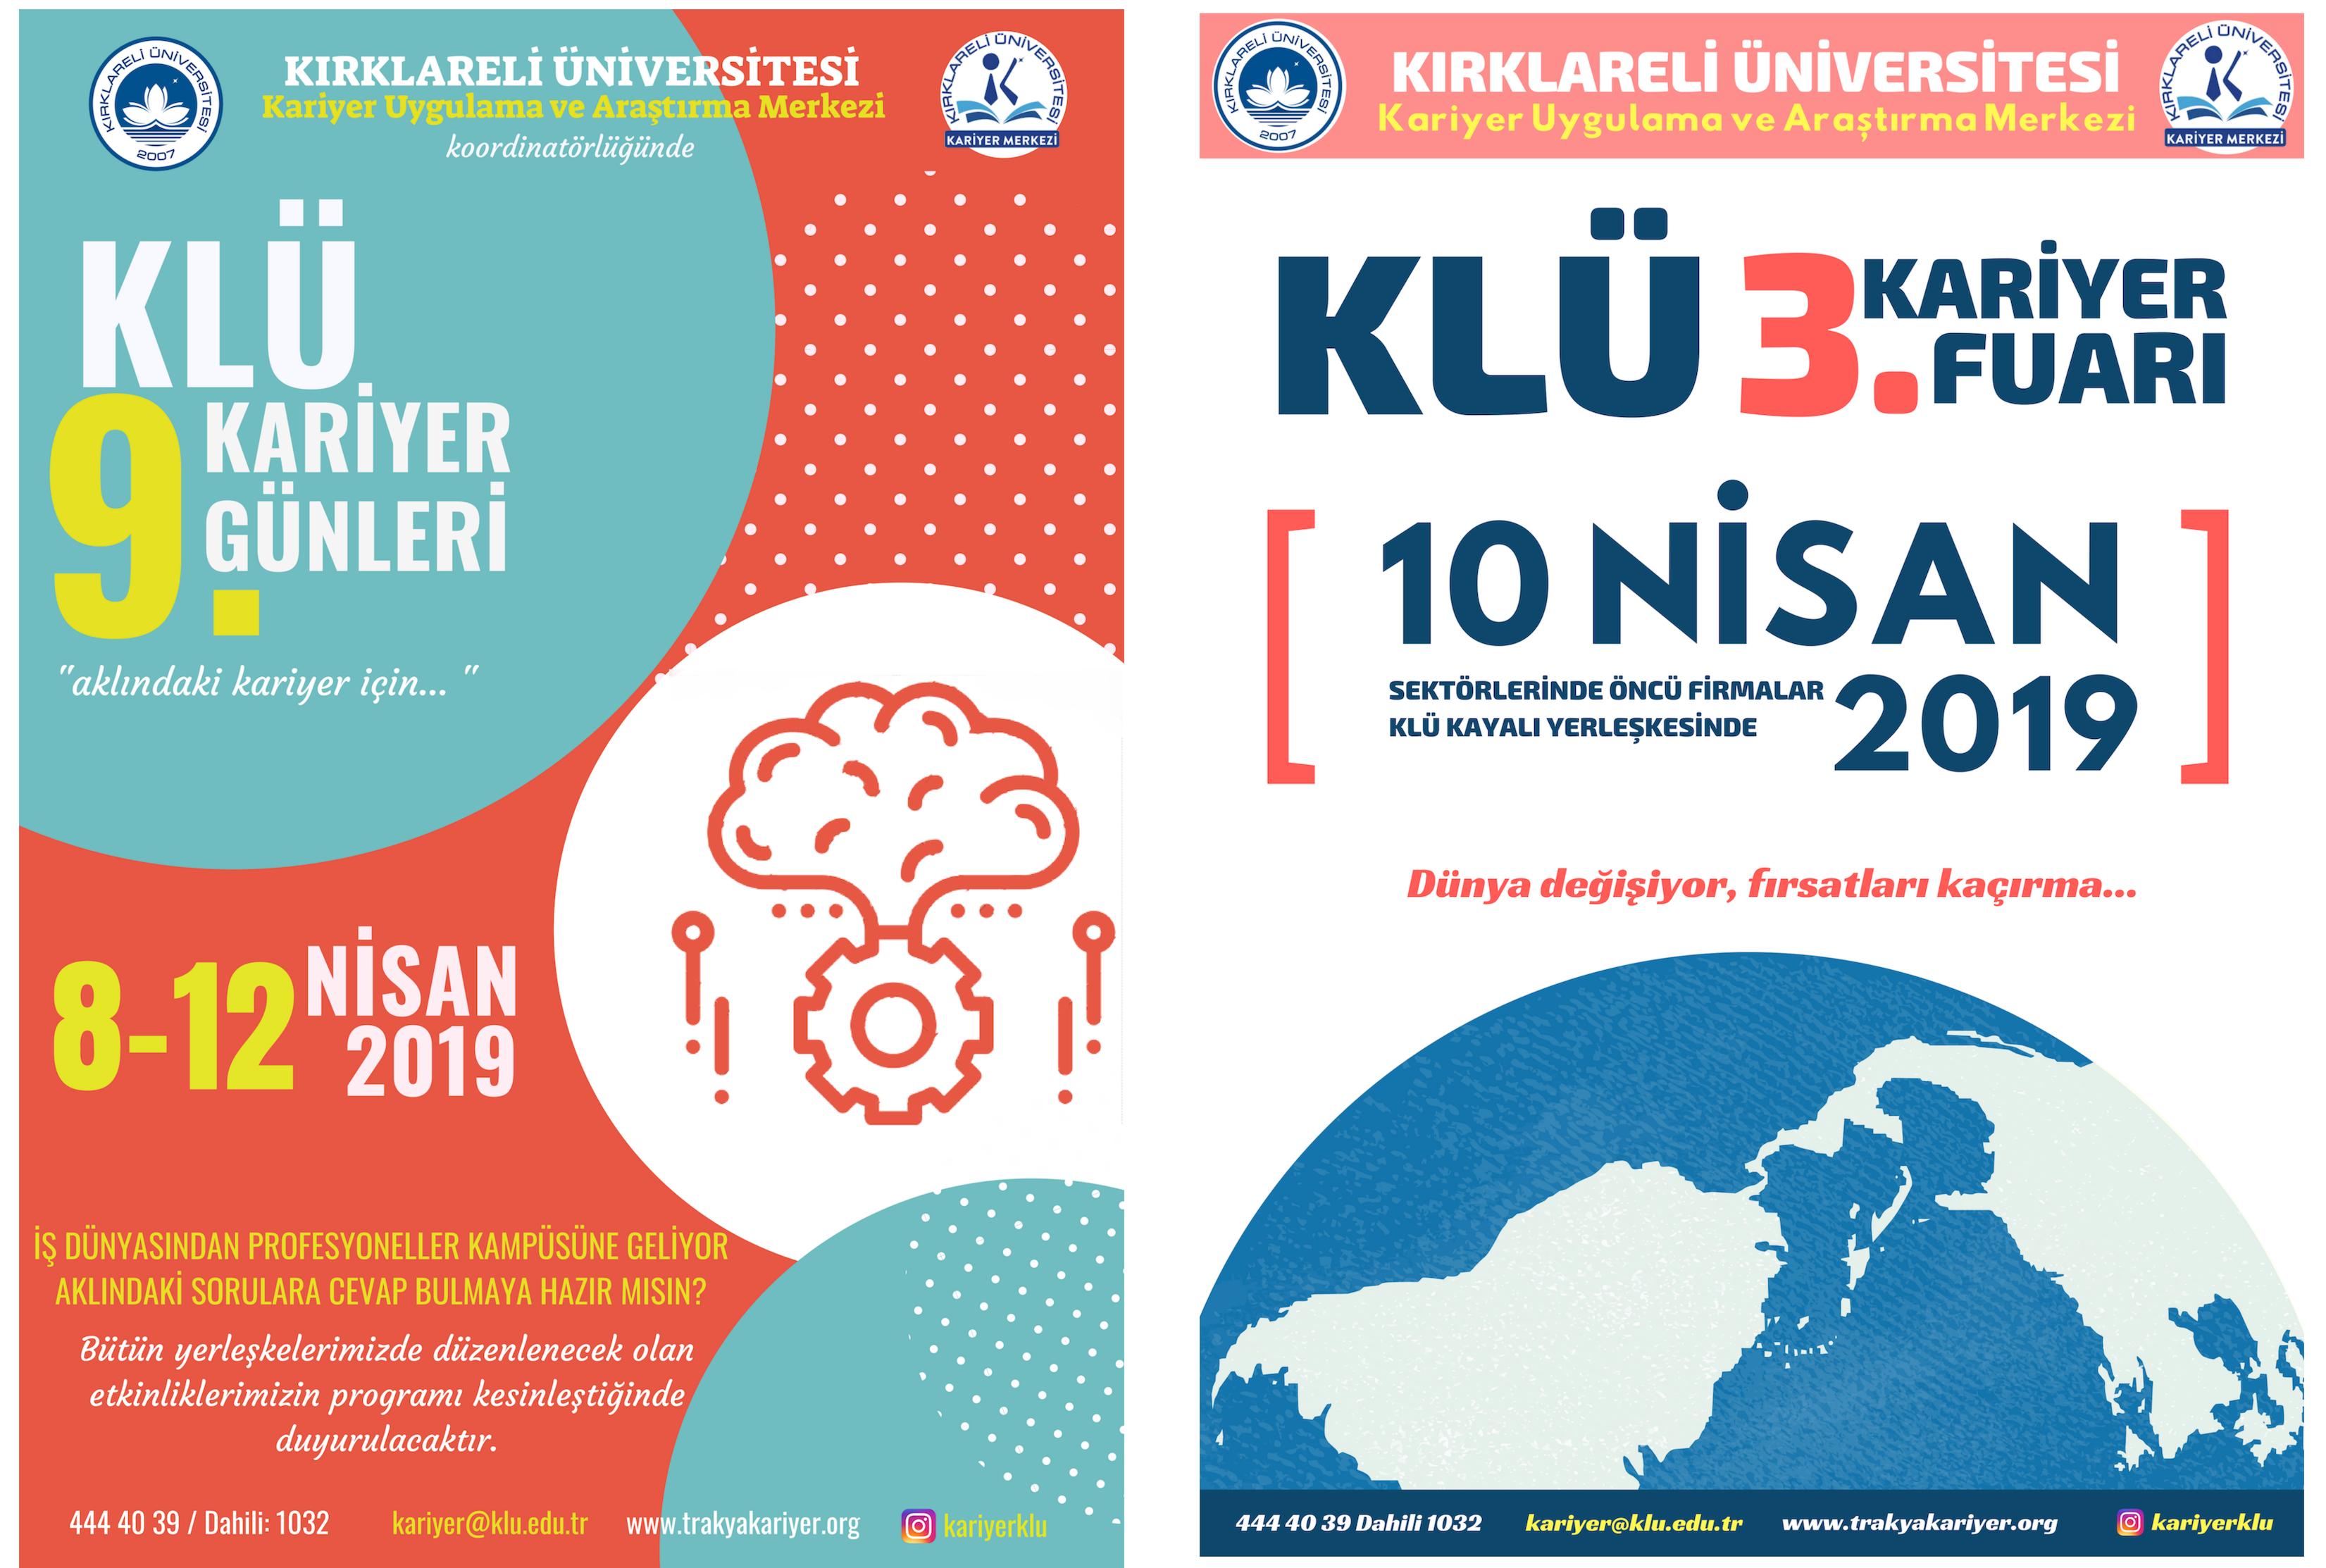 Kırklareli Üniversitesi'nde Kariyer Fuarı ve Kariyer Günleri Düzenlenecektir.